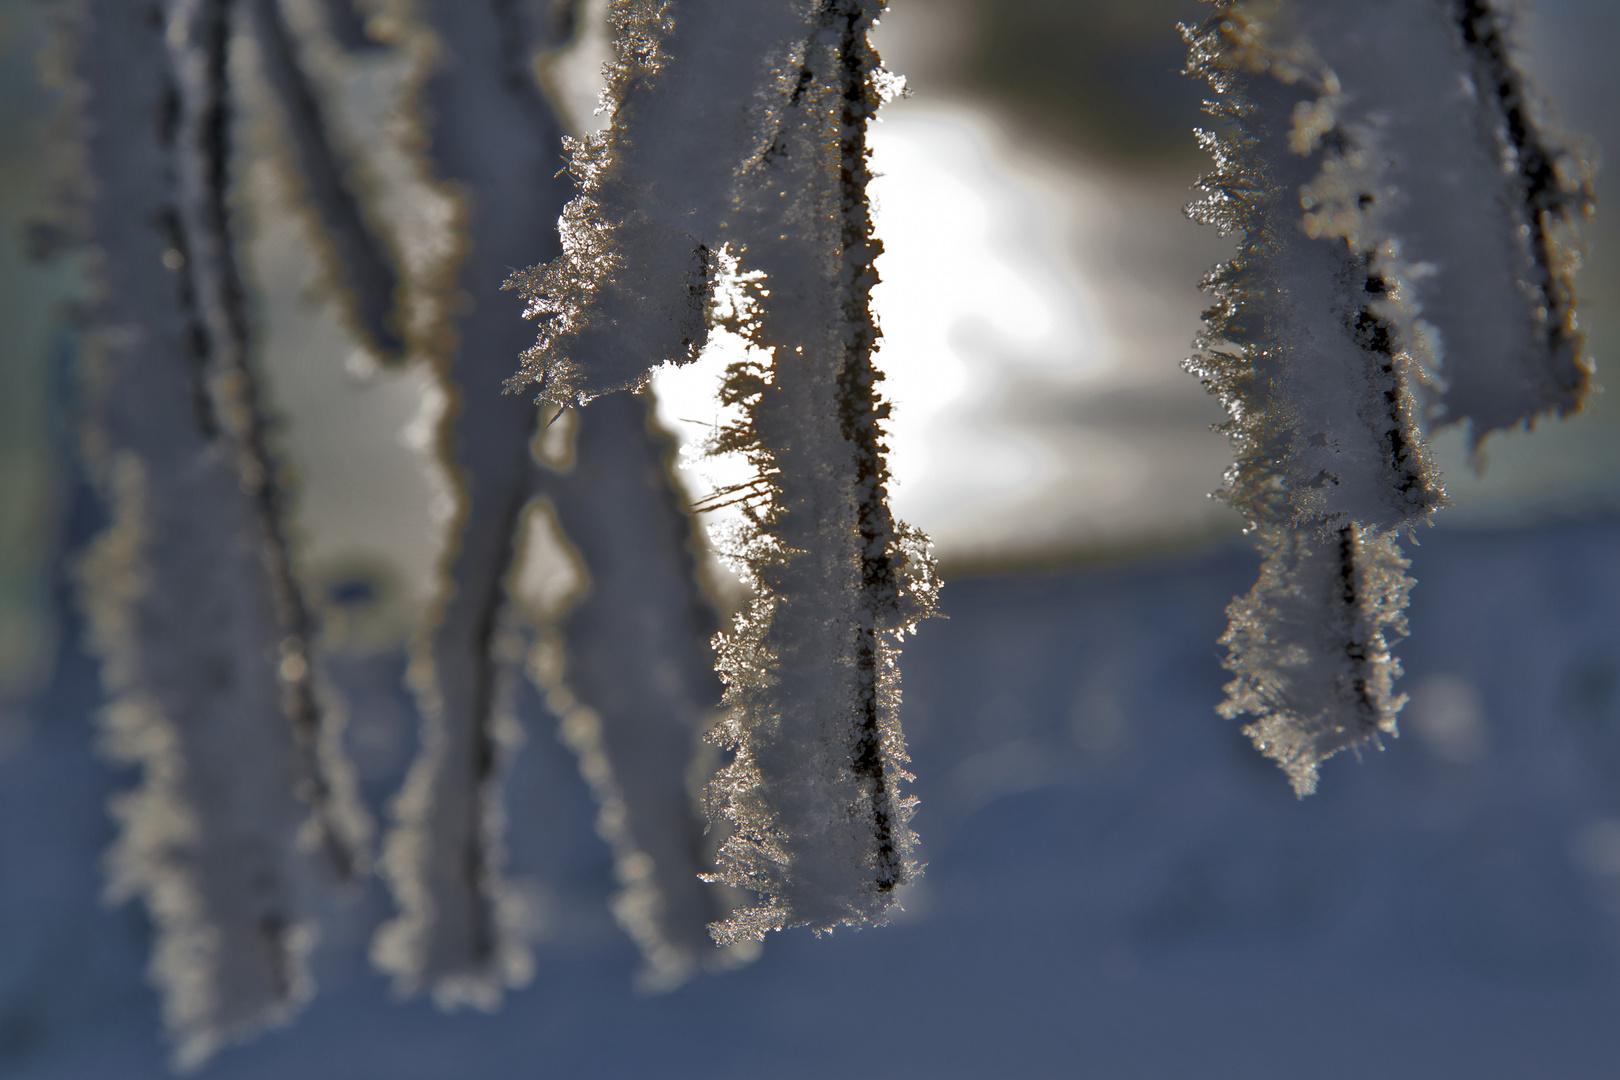 Still und schön...wie Blumen aus Eis...